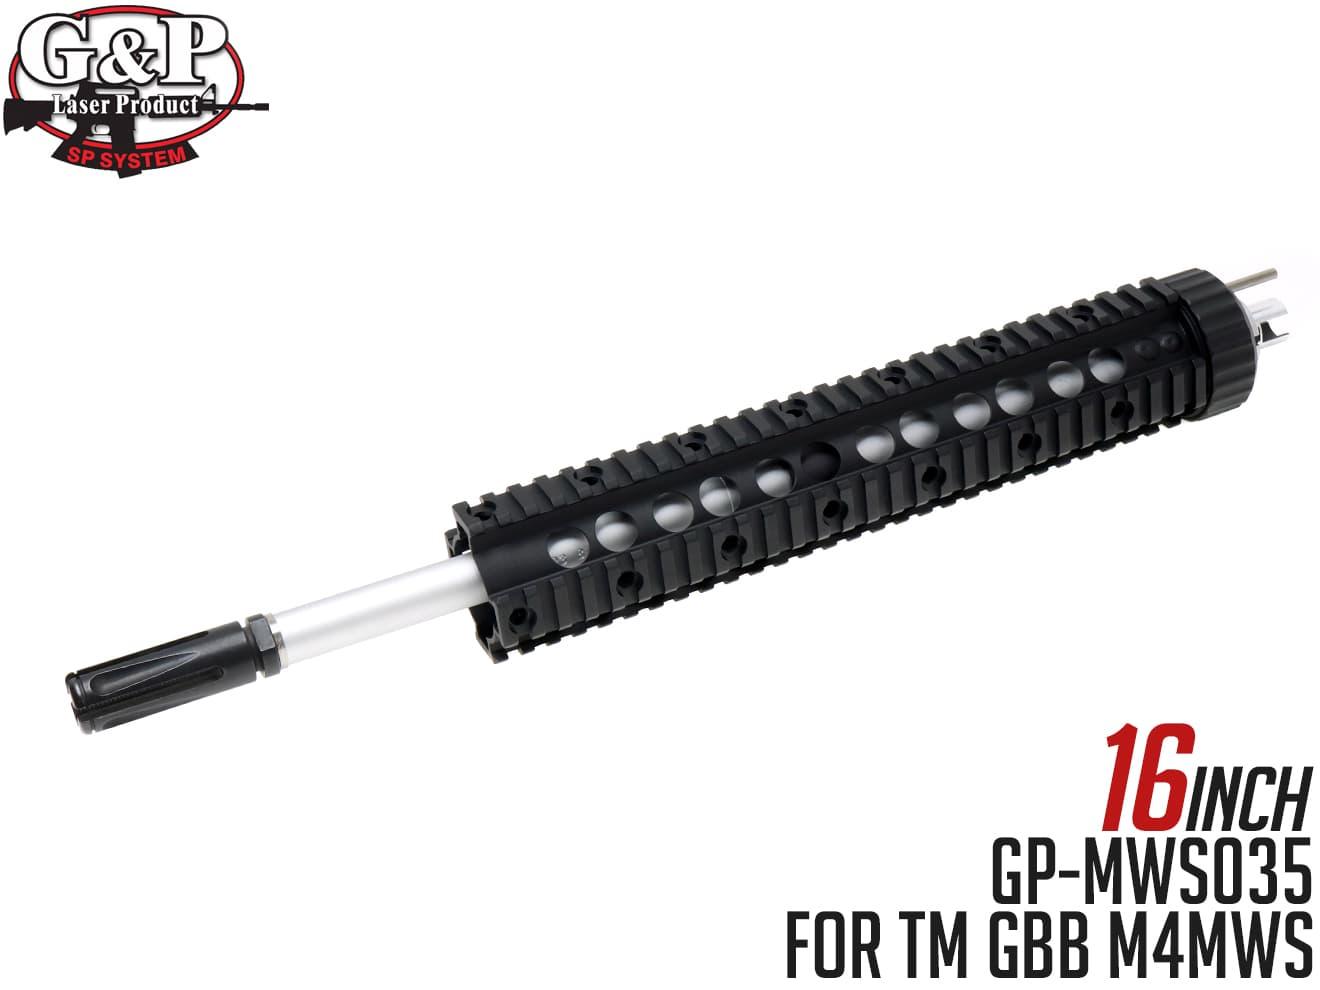 レシーライフル ガスブローバック M4対応 M4MWS RECCE 16インチ TM G&P GBB ◆東京マルイ キット RIFLE仕様にバレル/ハイダー付 for